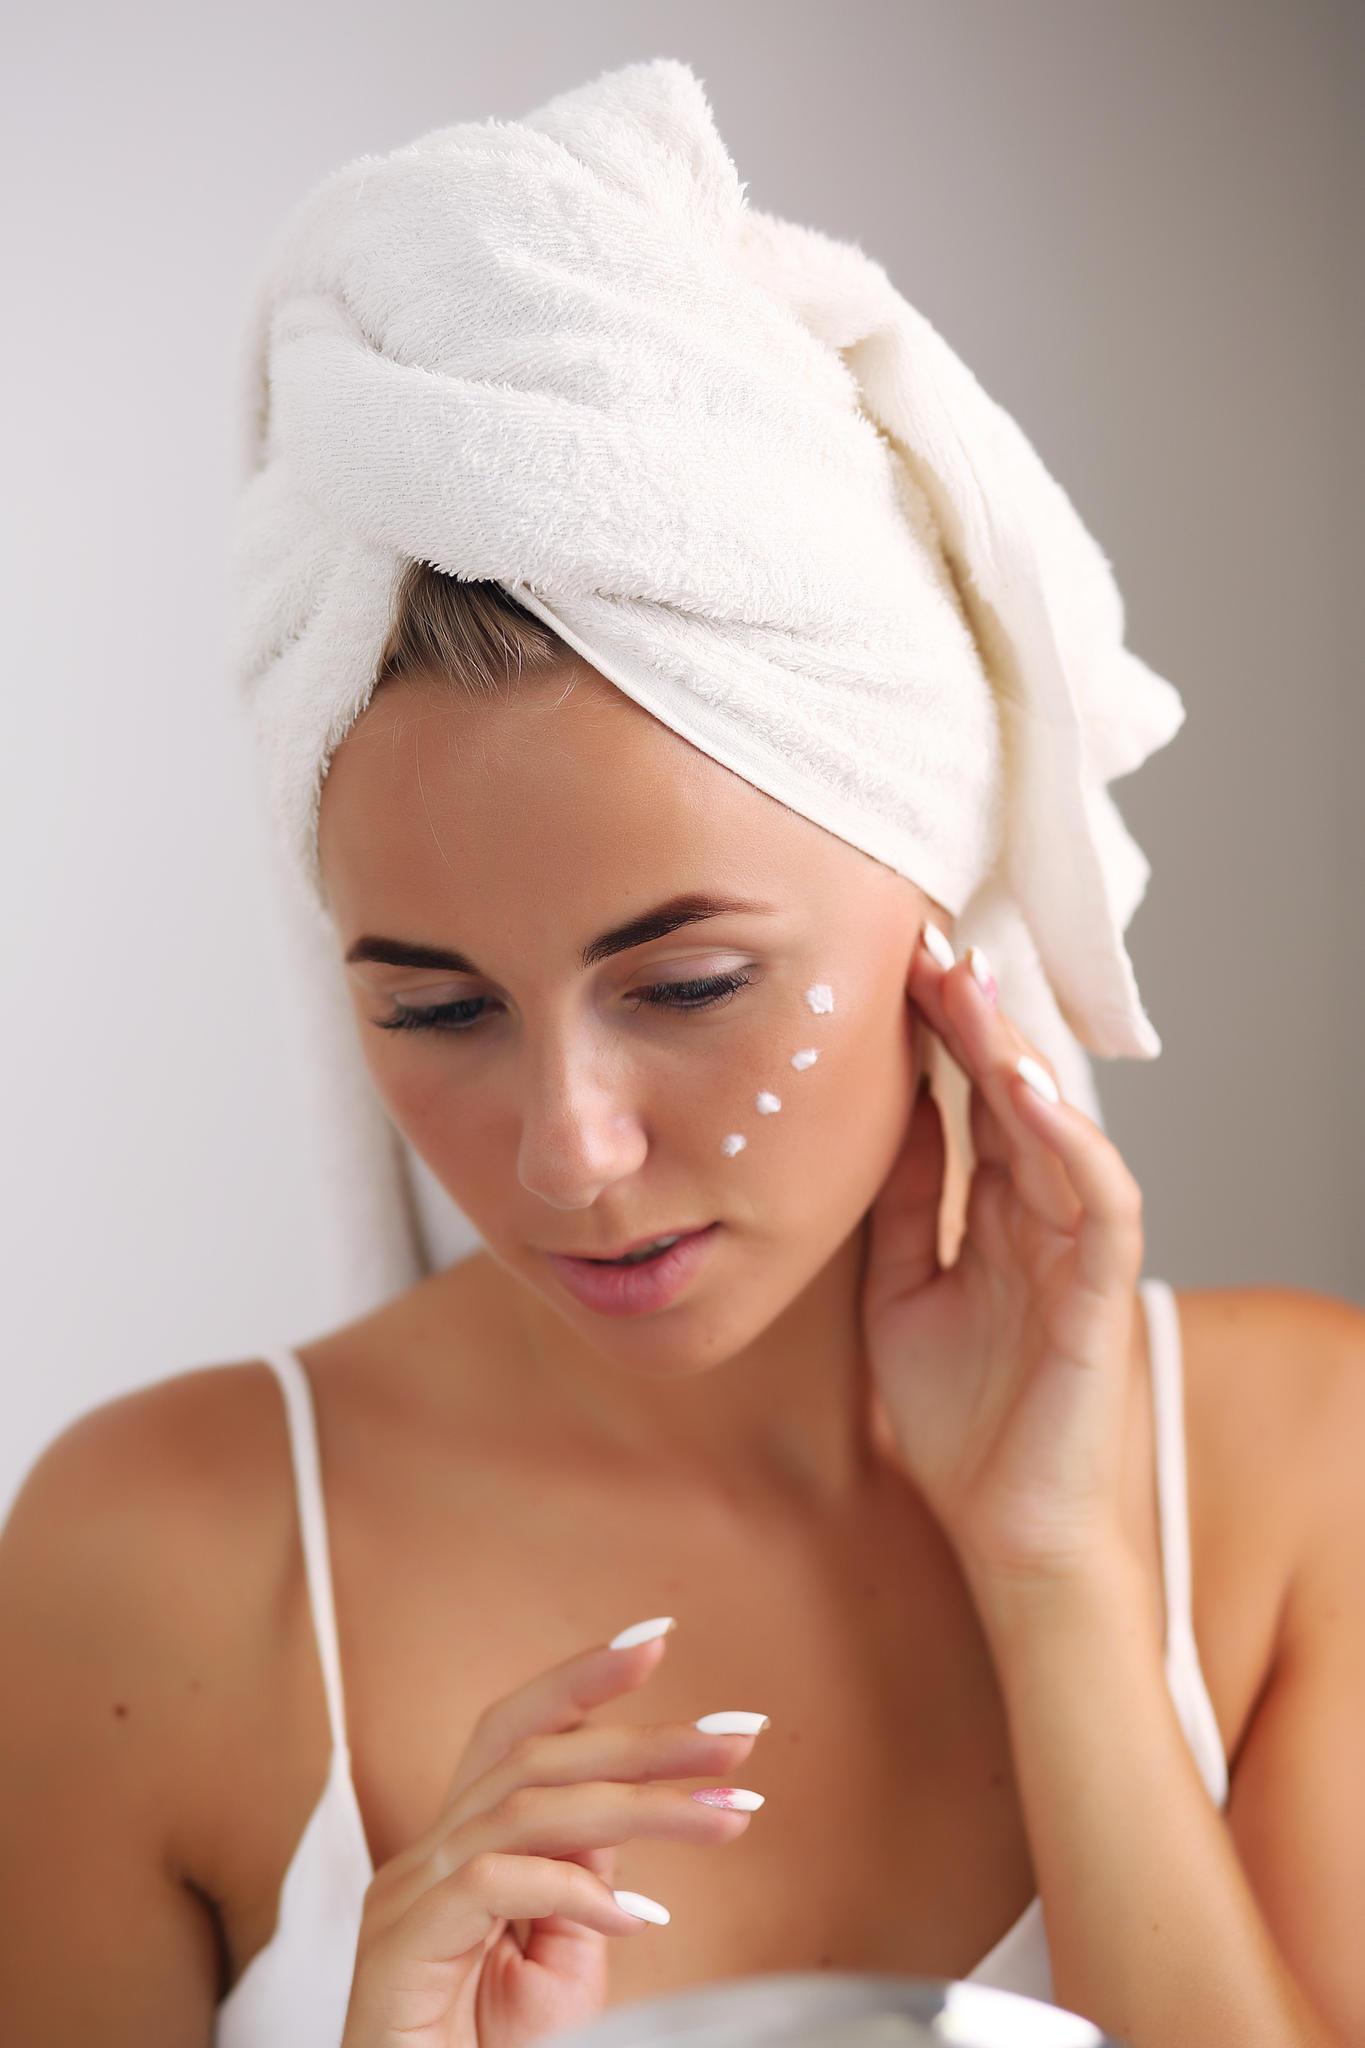 Frau cremt ihr Gesicht ein, Tagespflege für die Haut